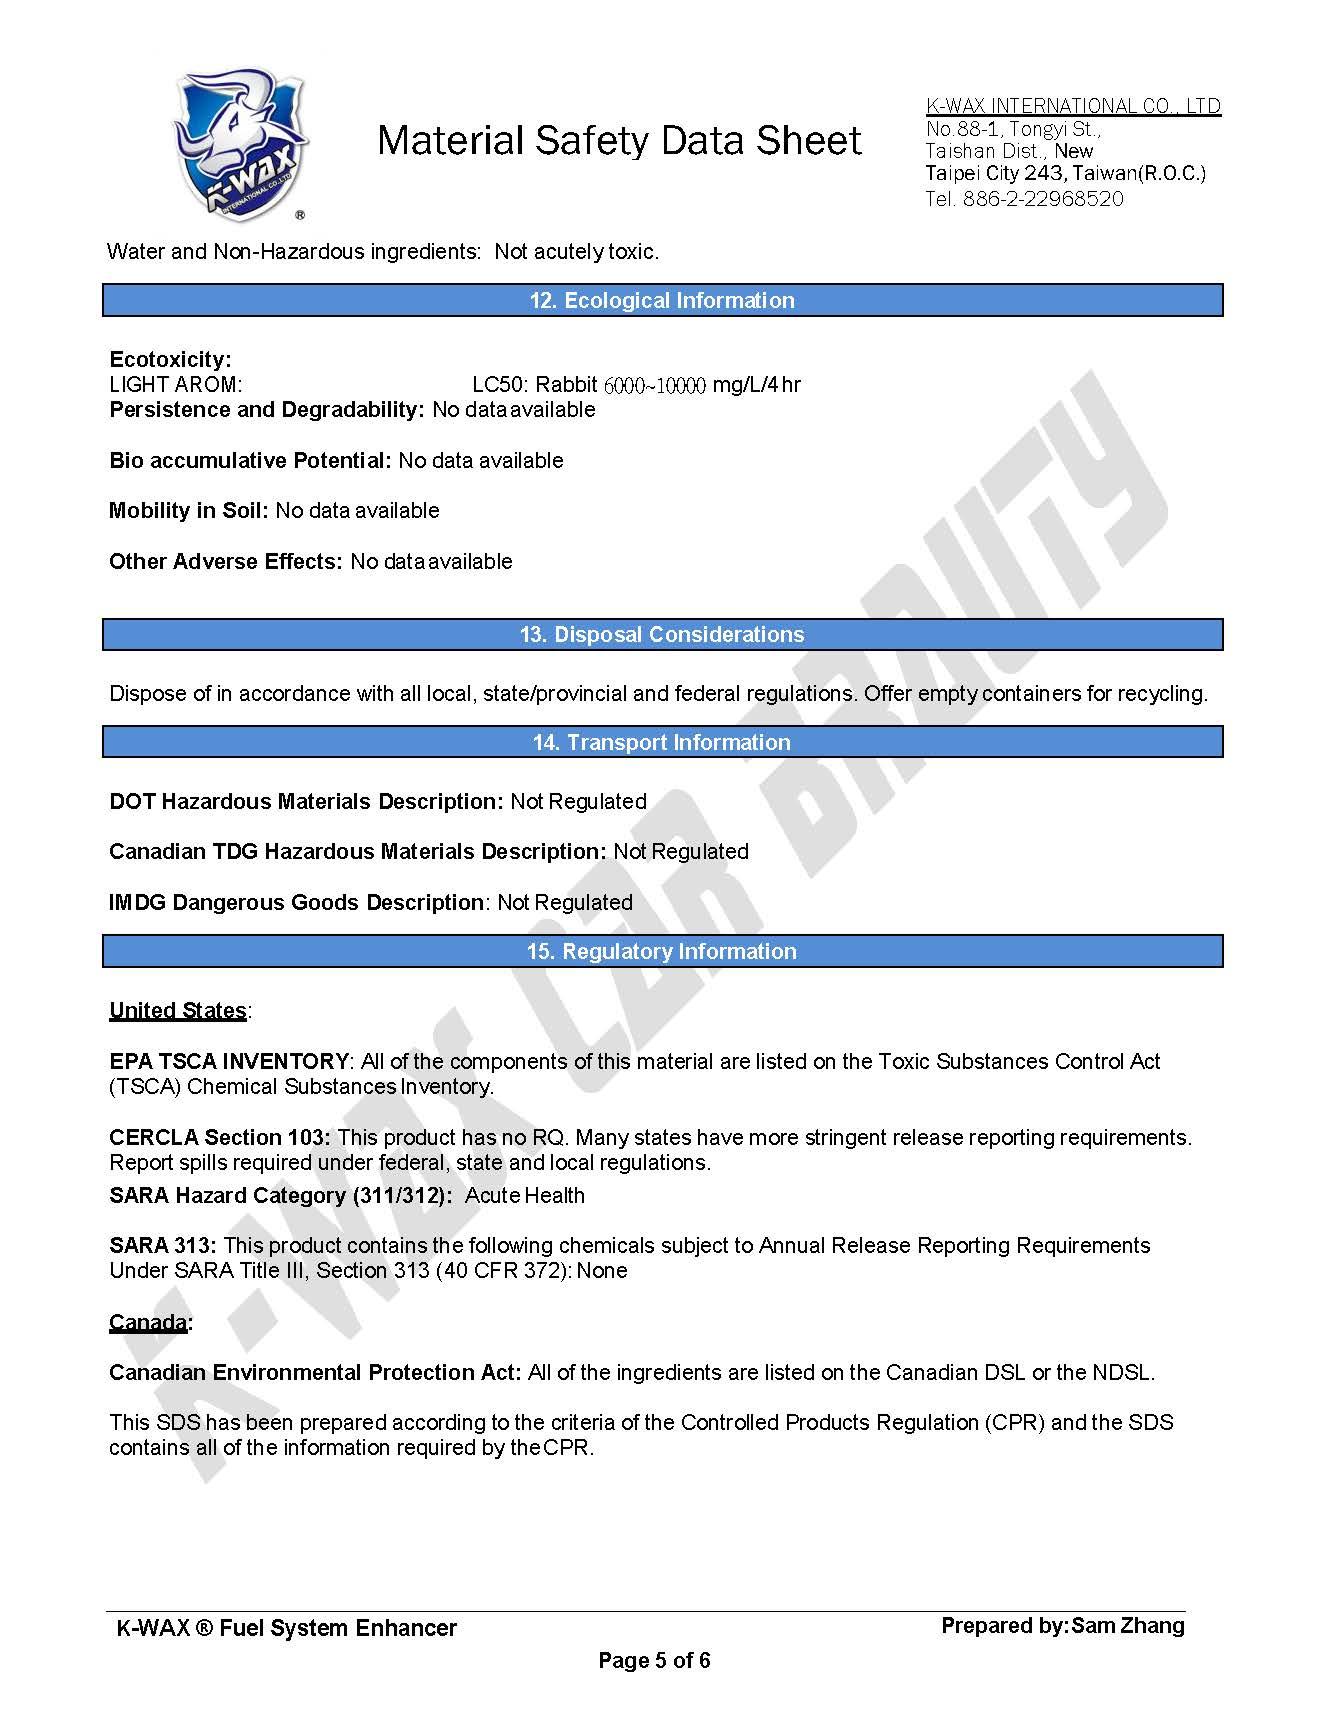 燃油系統強化劑 MSDS_页面_5.jpg